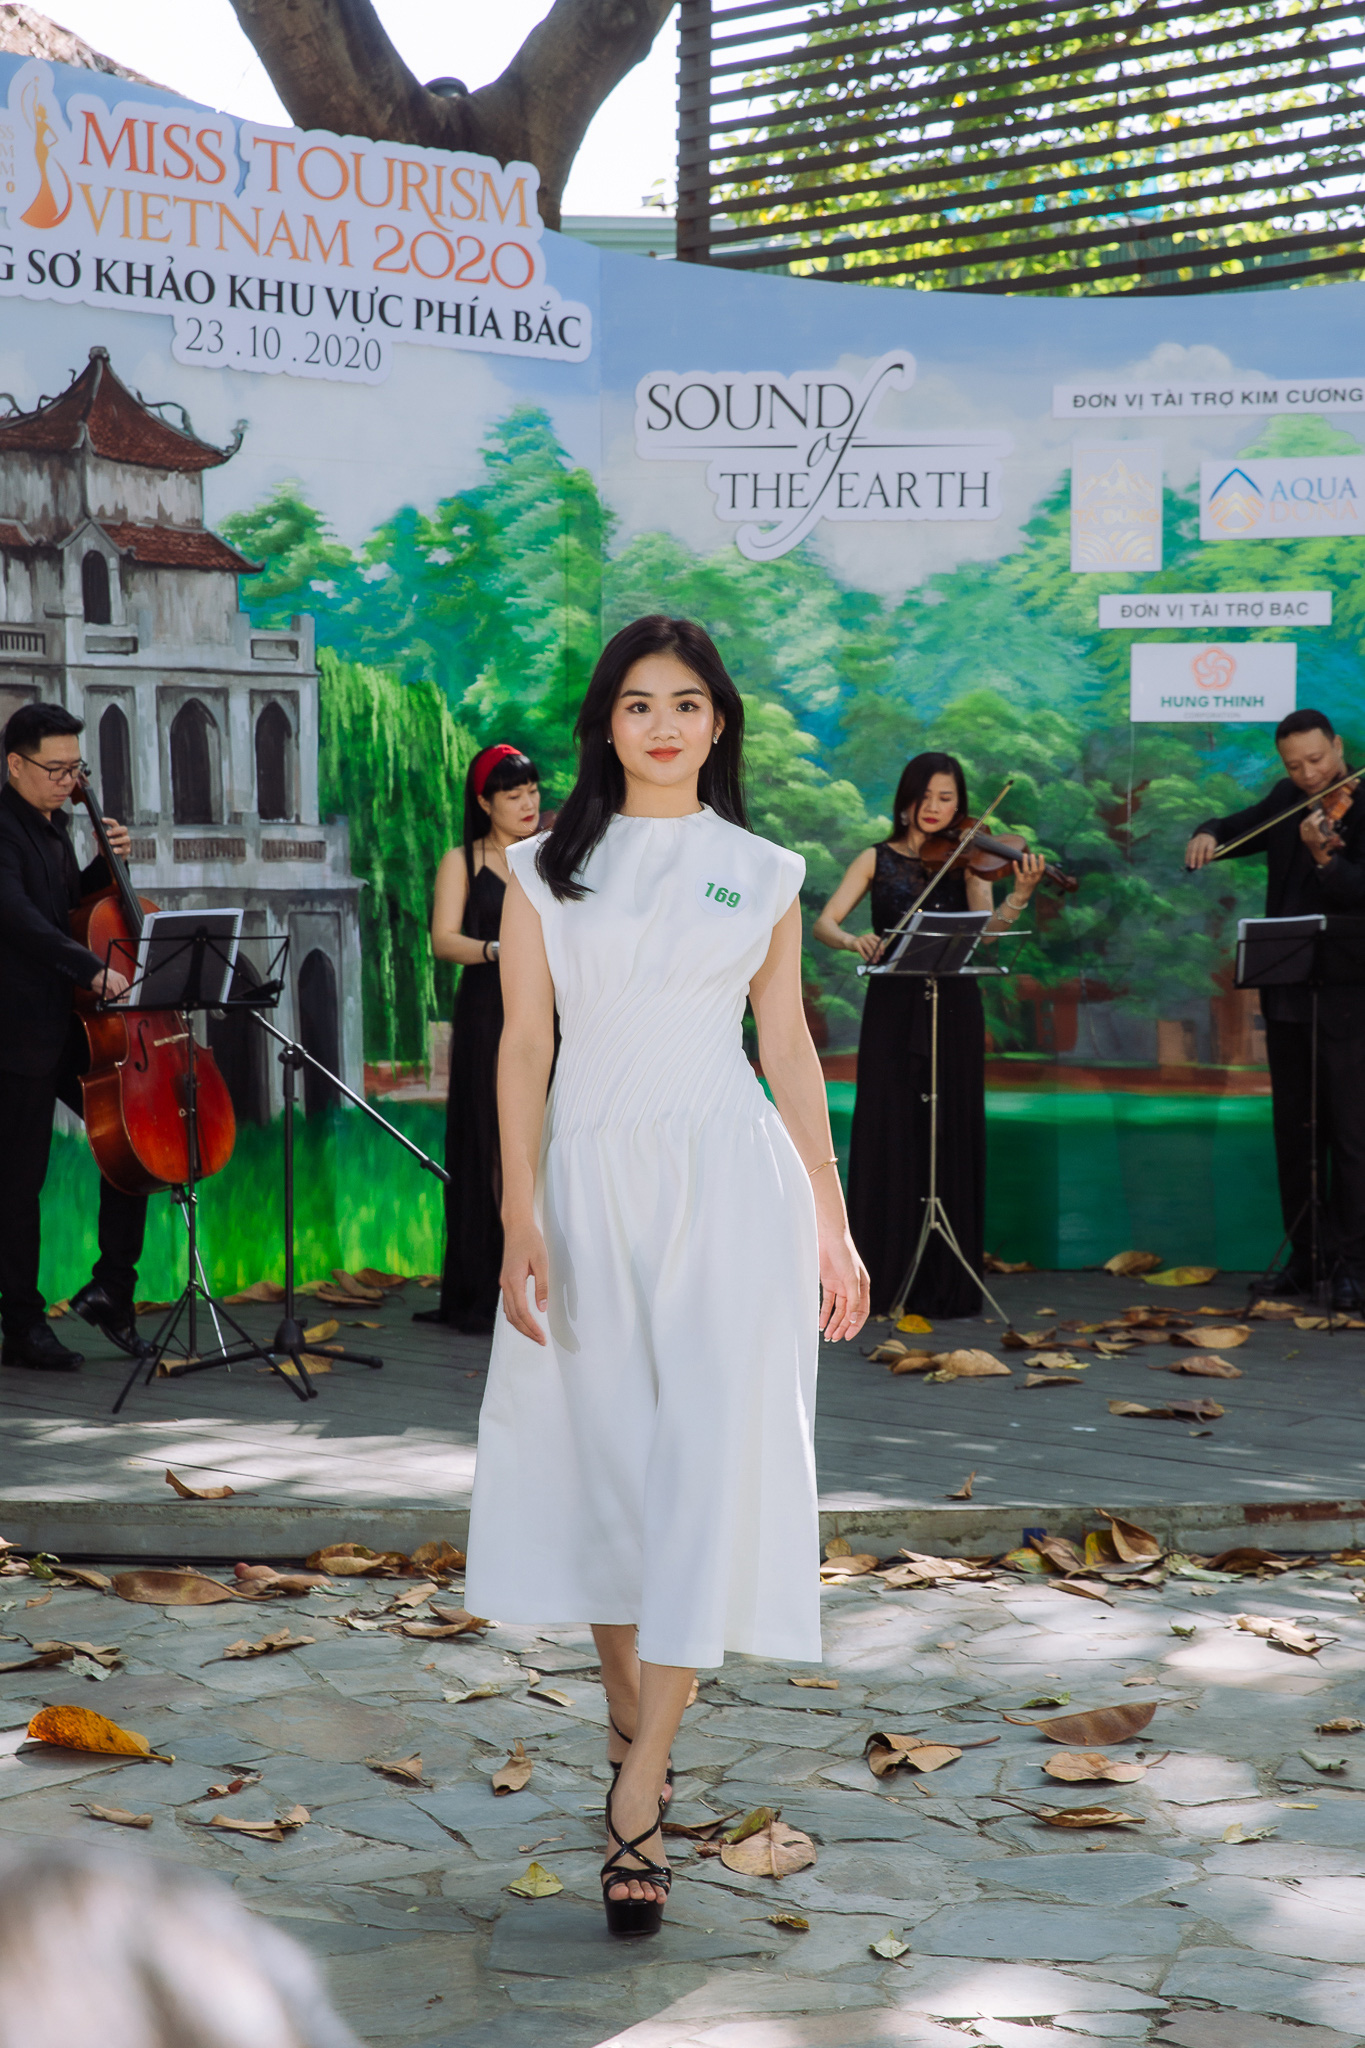 Hoa hậu Khánh Ngân và Ngọc Hân cùng làm ban giám khảo Miss Tourism Vietnam 2020 - Ảnh 6.